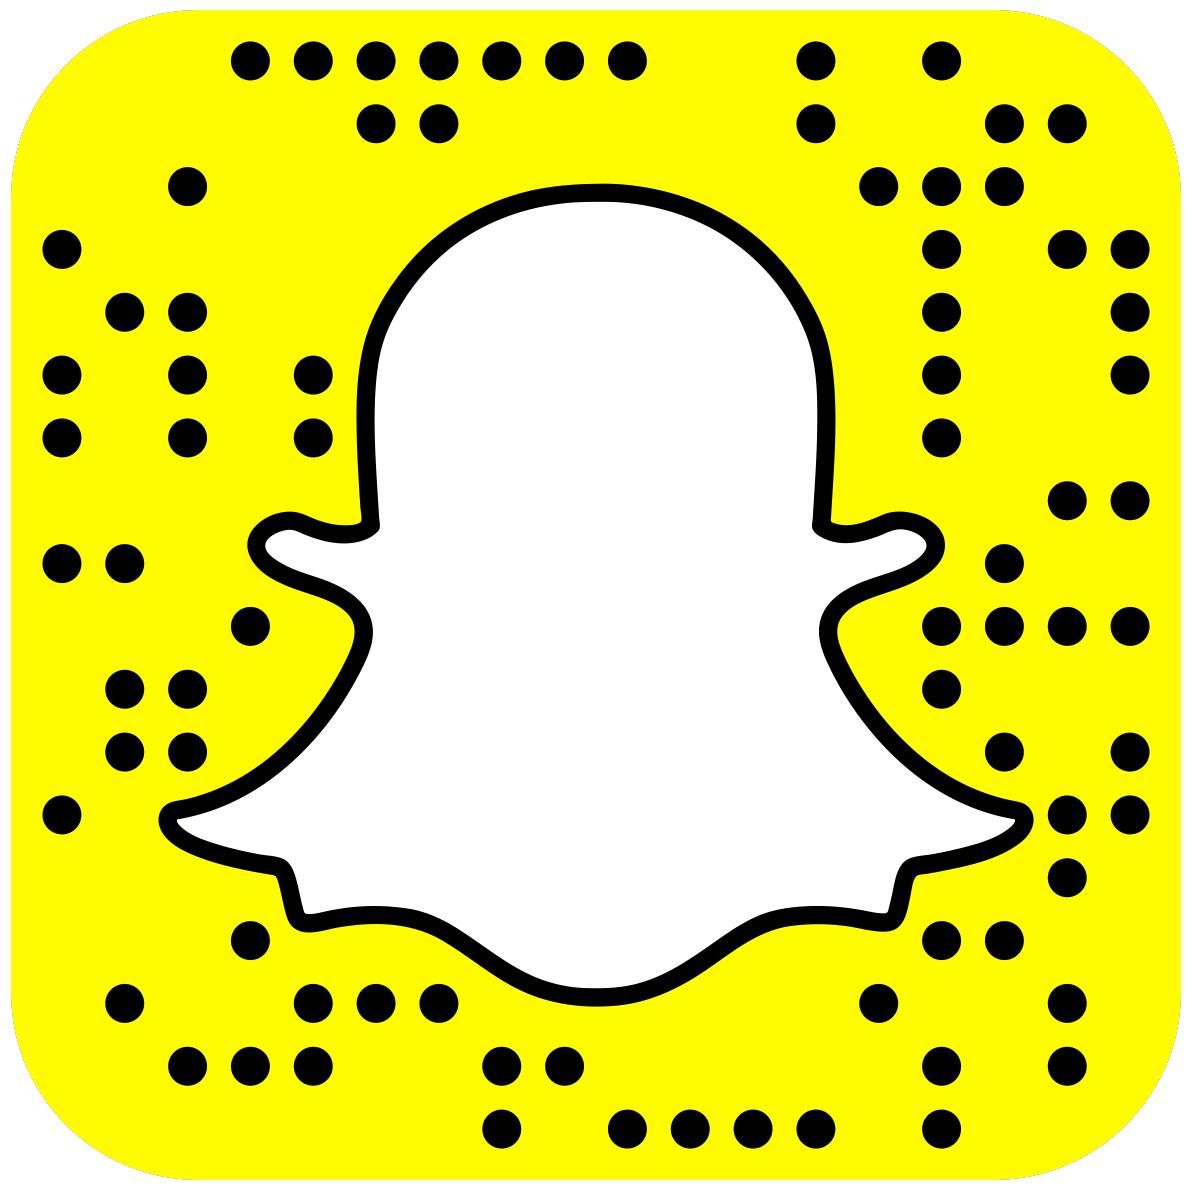 Herman Tømmeraas Snapchat username